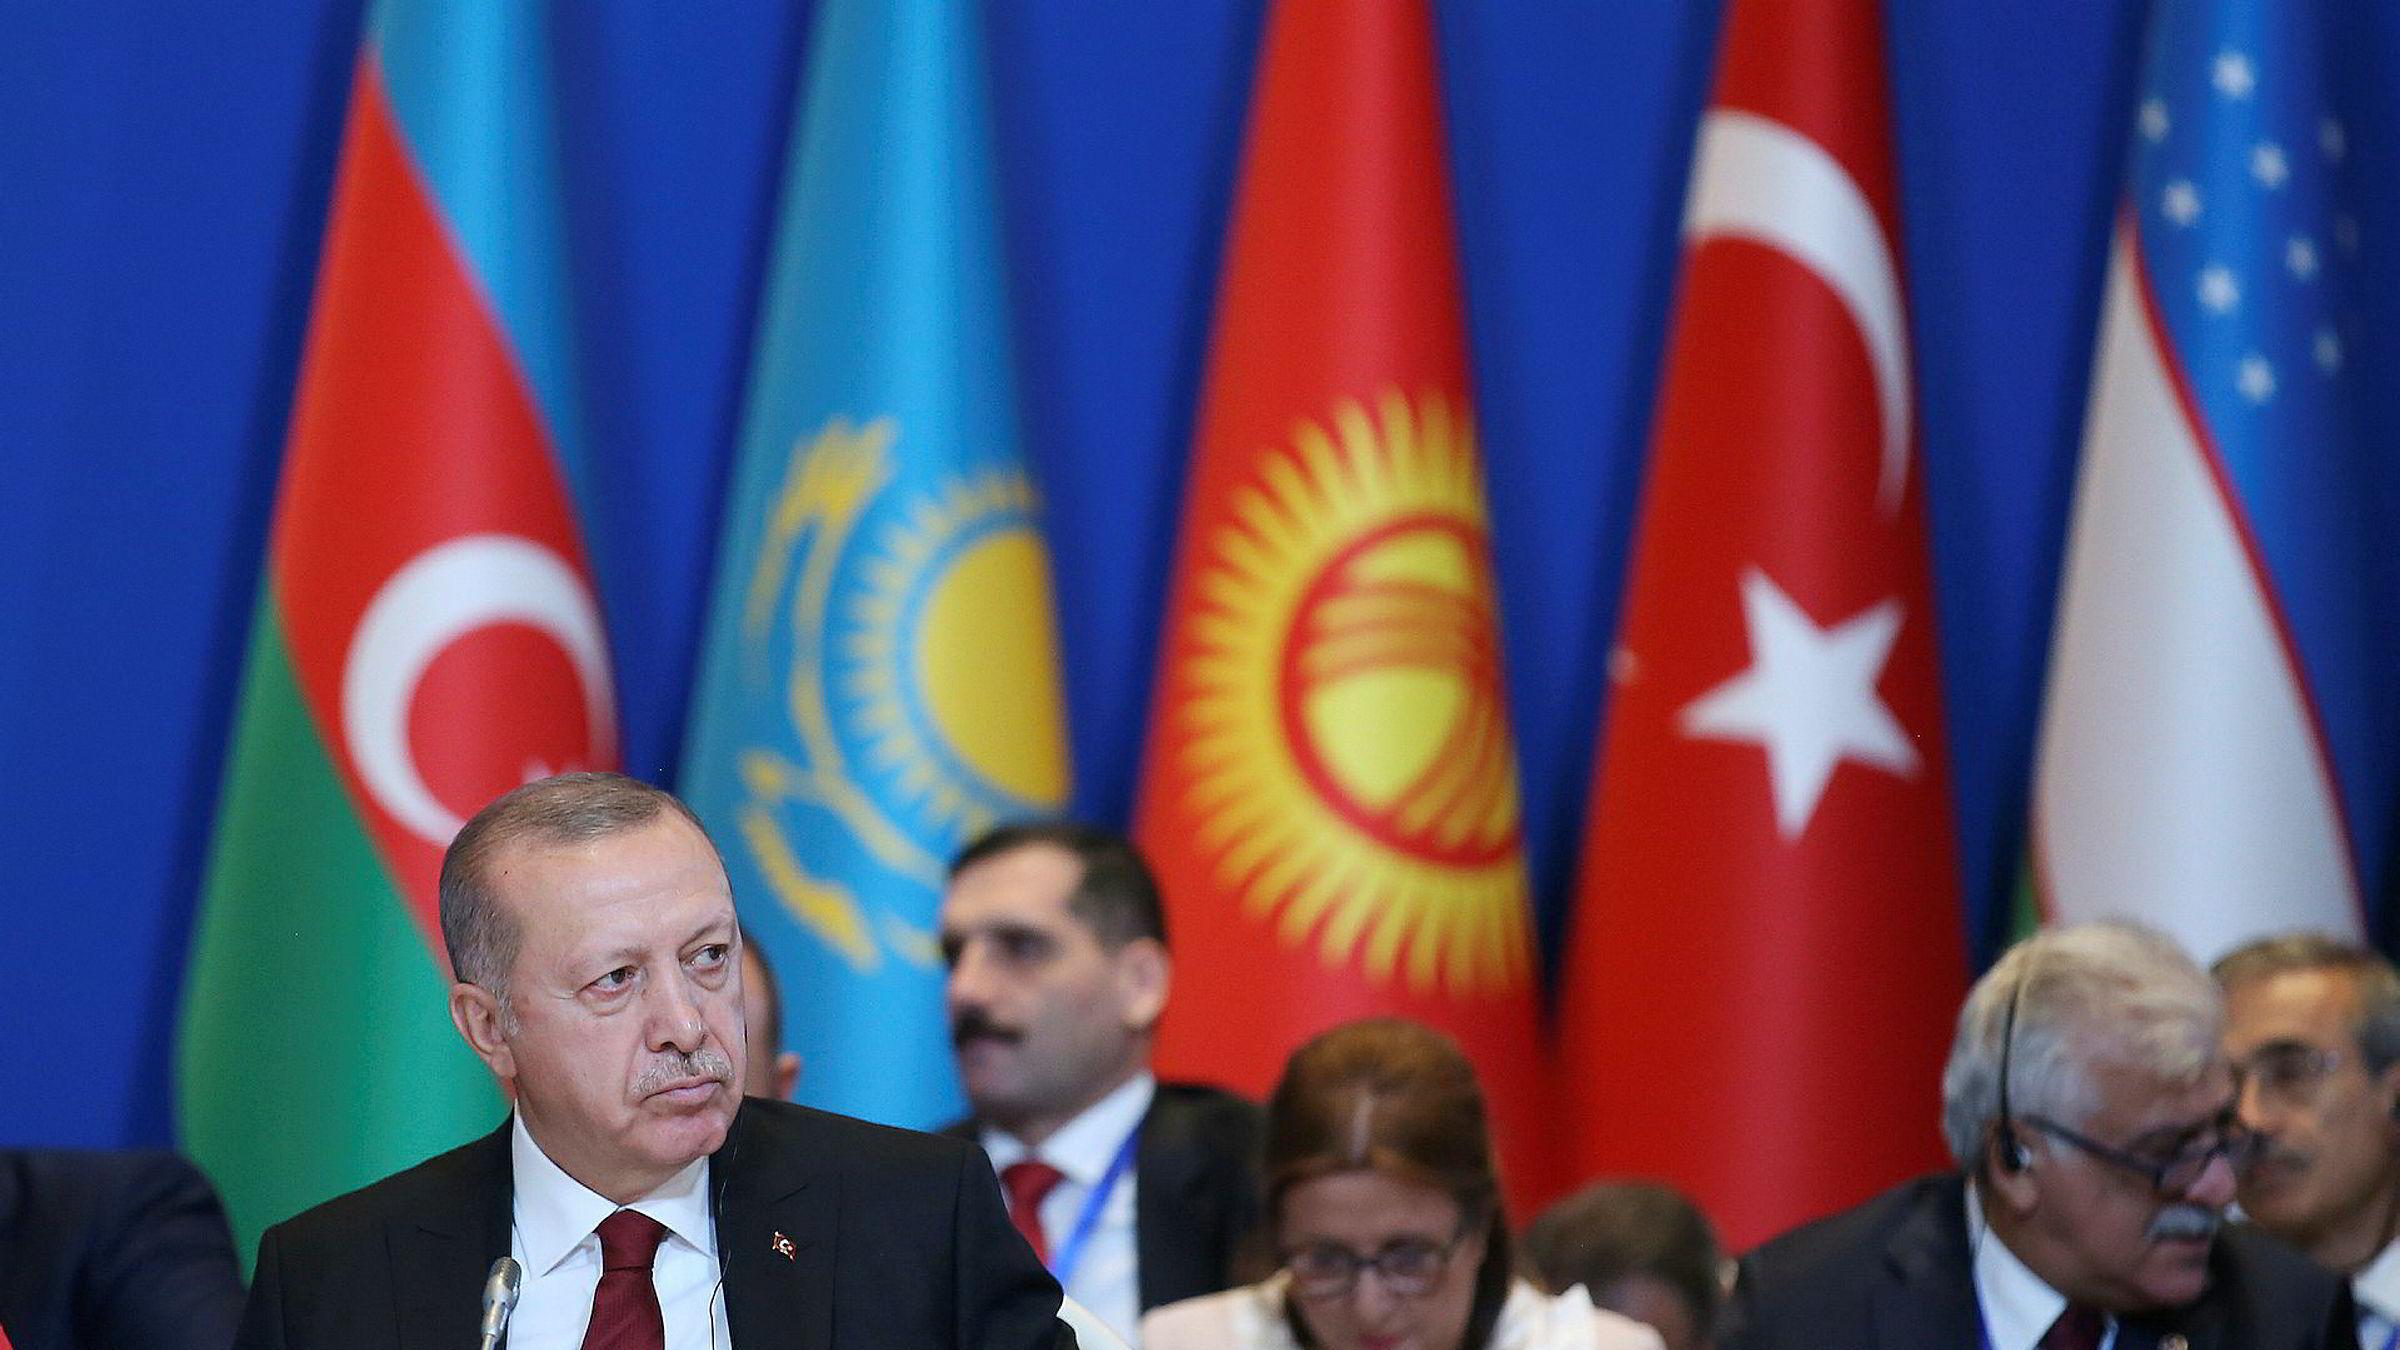 Tyrkias president Recep Tayyip Erdogan vil ikke erklære våpenhvile i Syria.